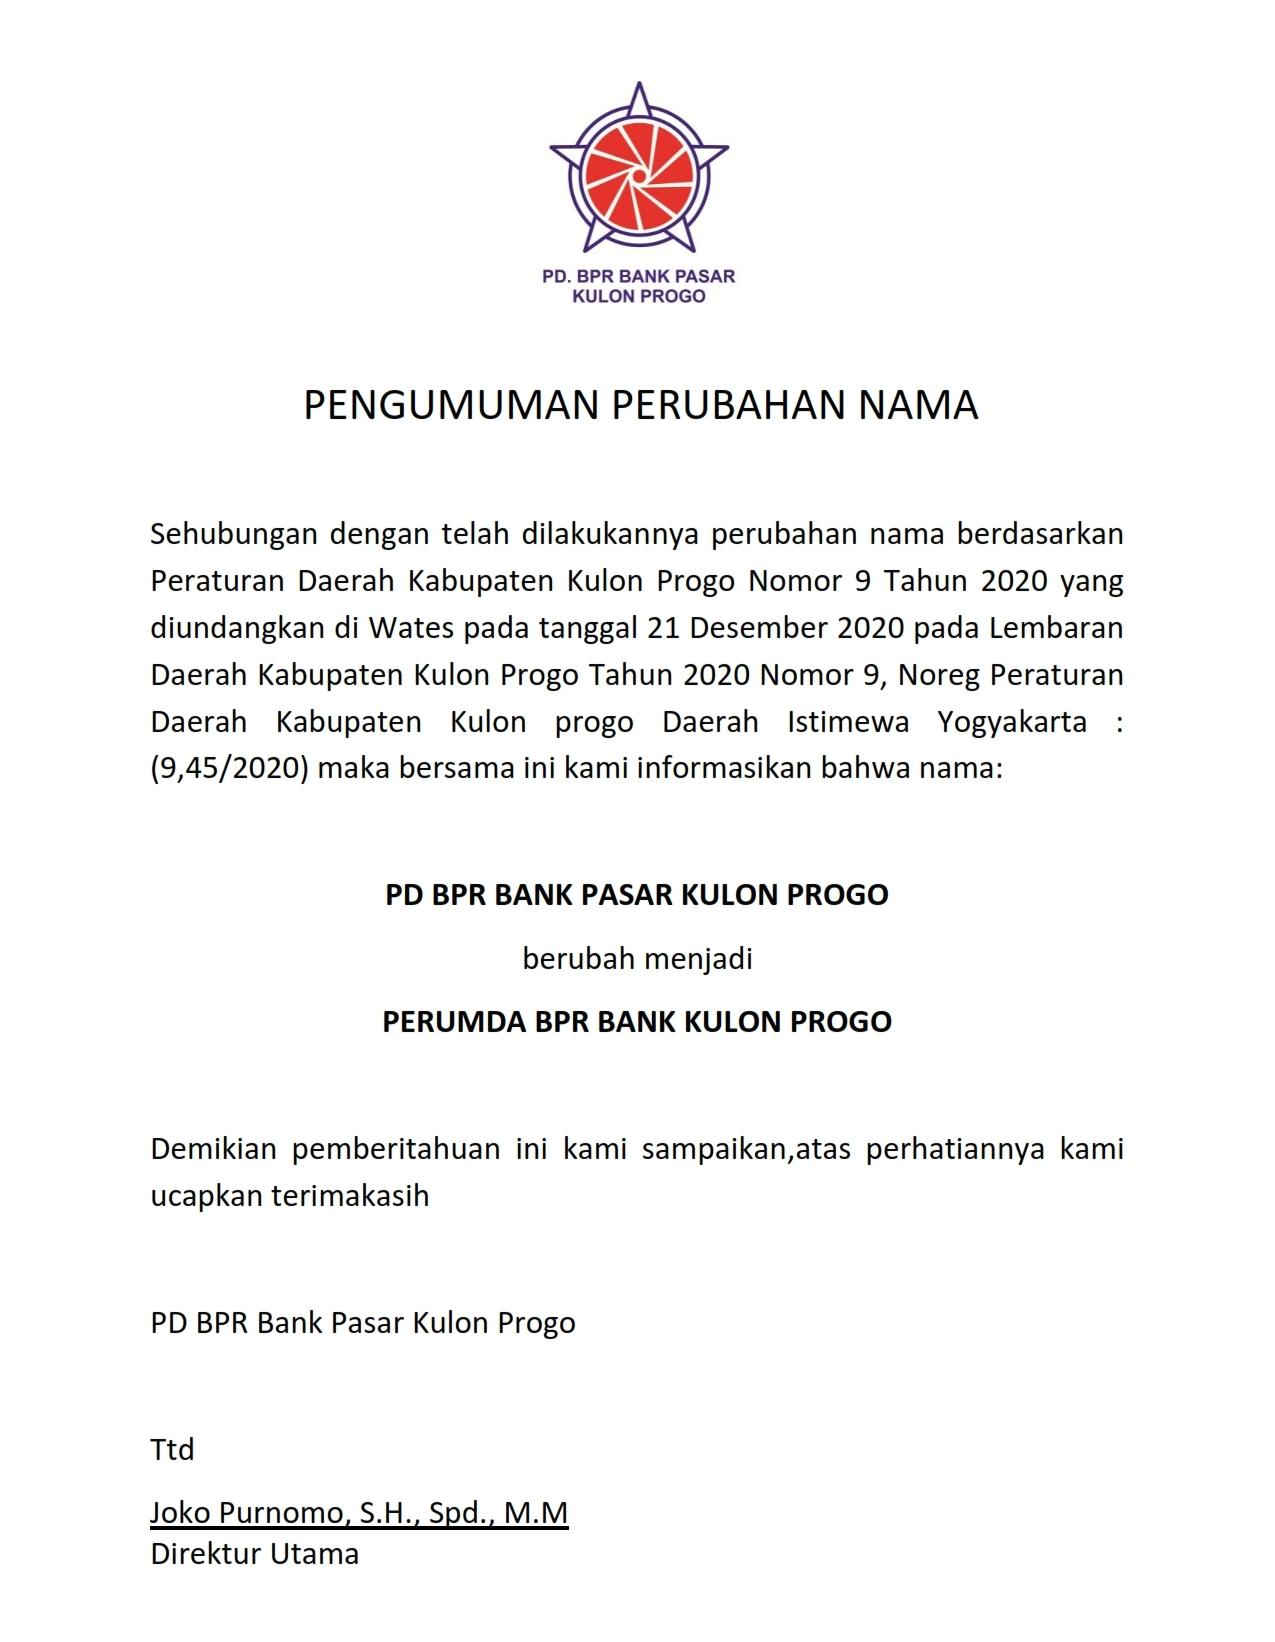 PENGUMUMAN PERUBAHAN NAMA BANK_001